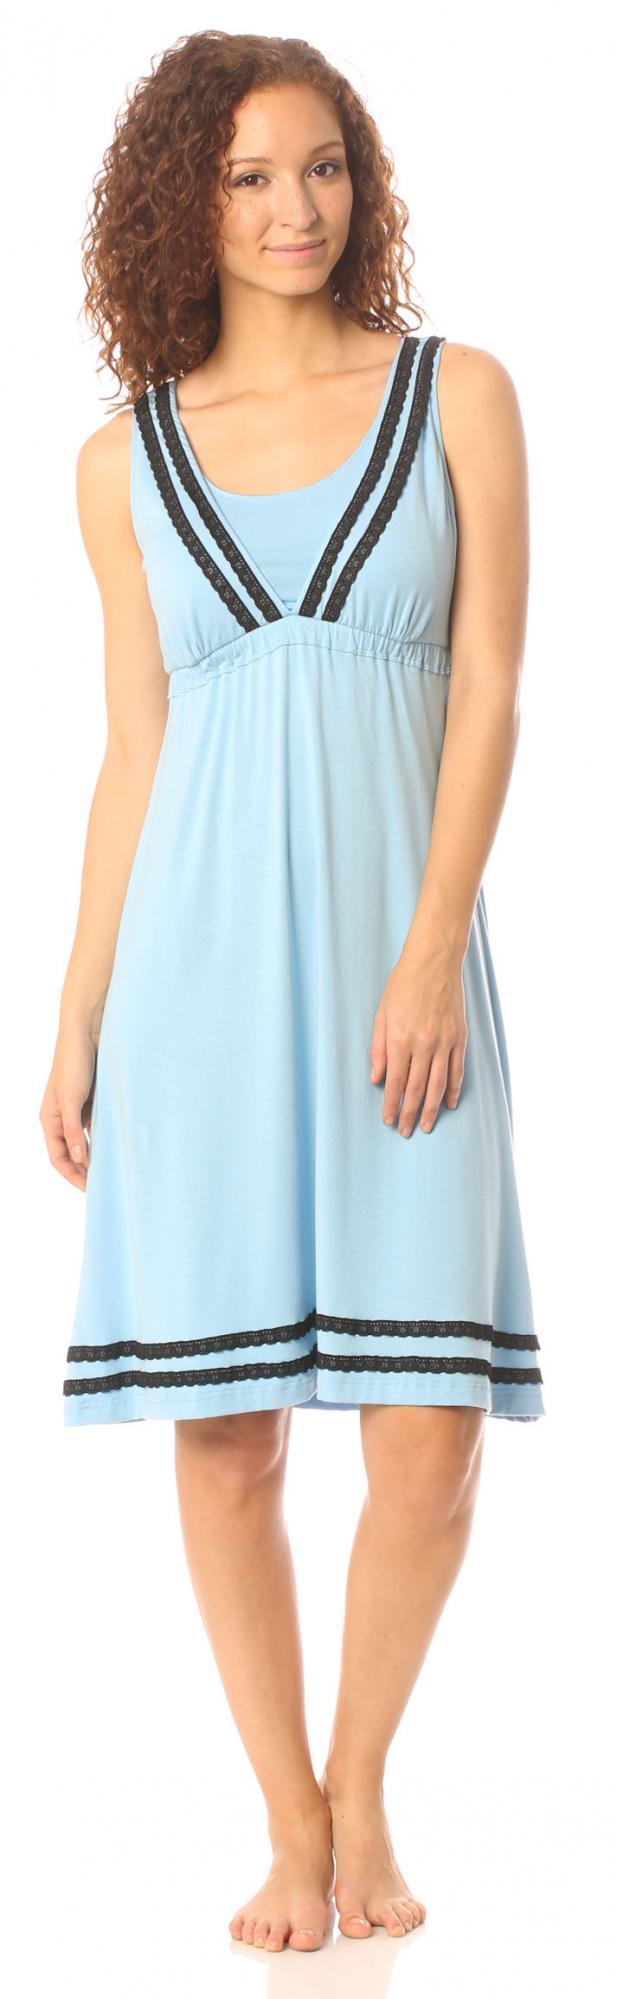 majamas-celia-nursing-gown-surf.jpg